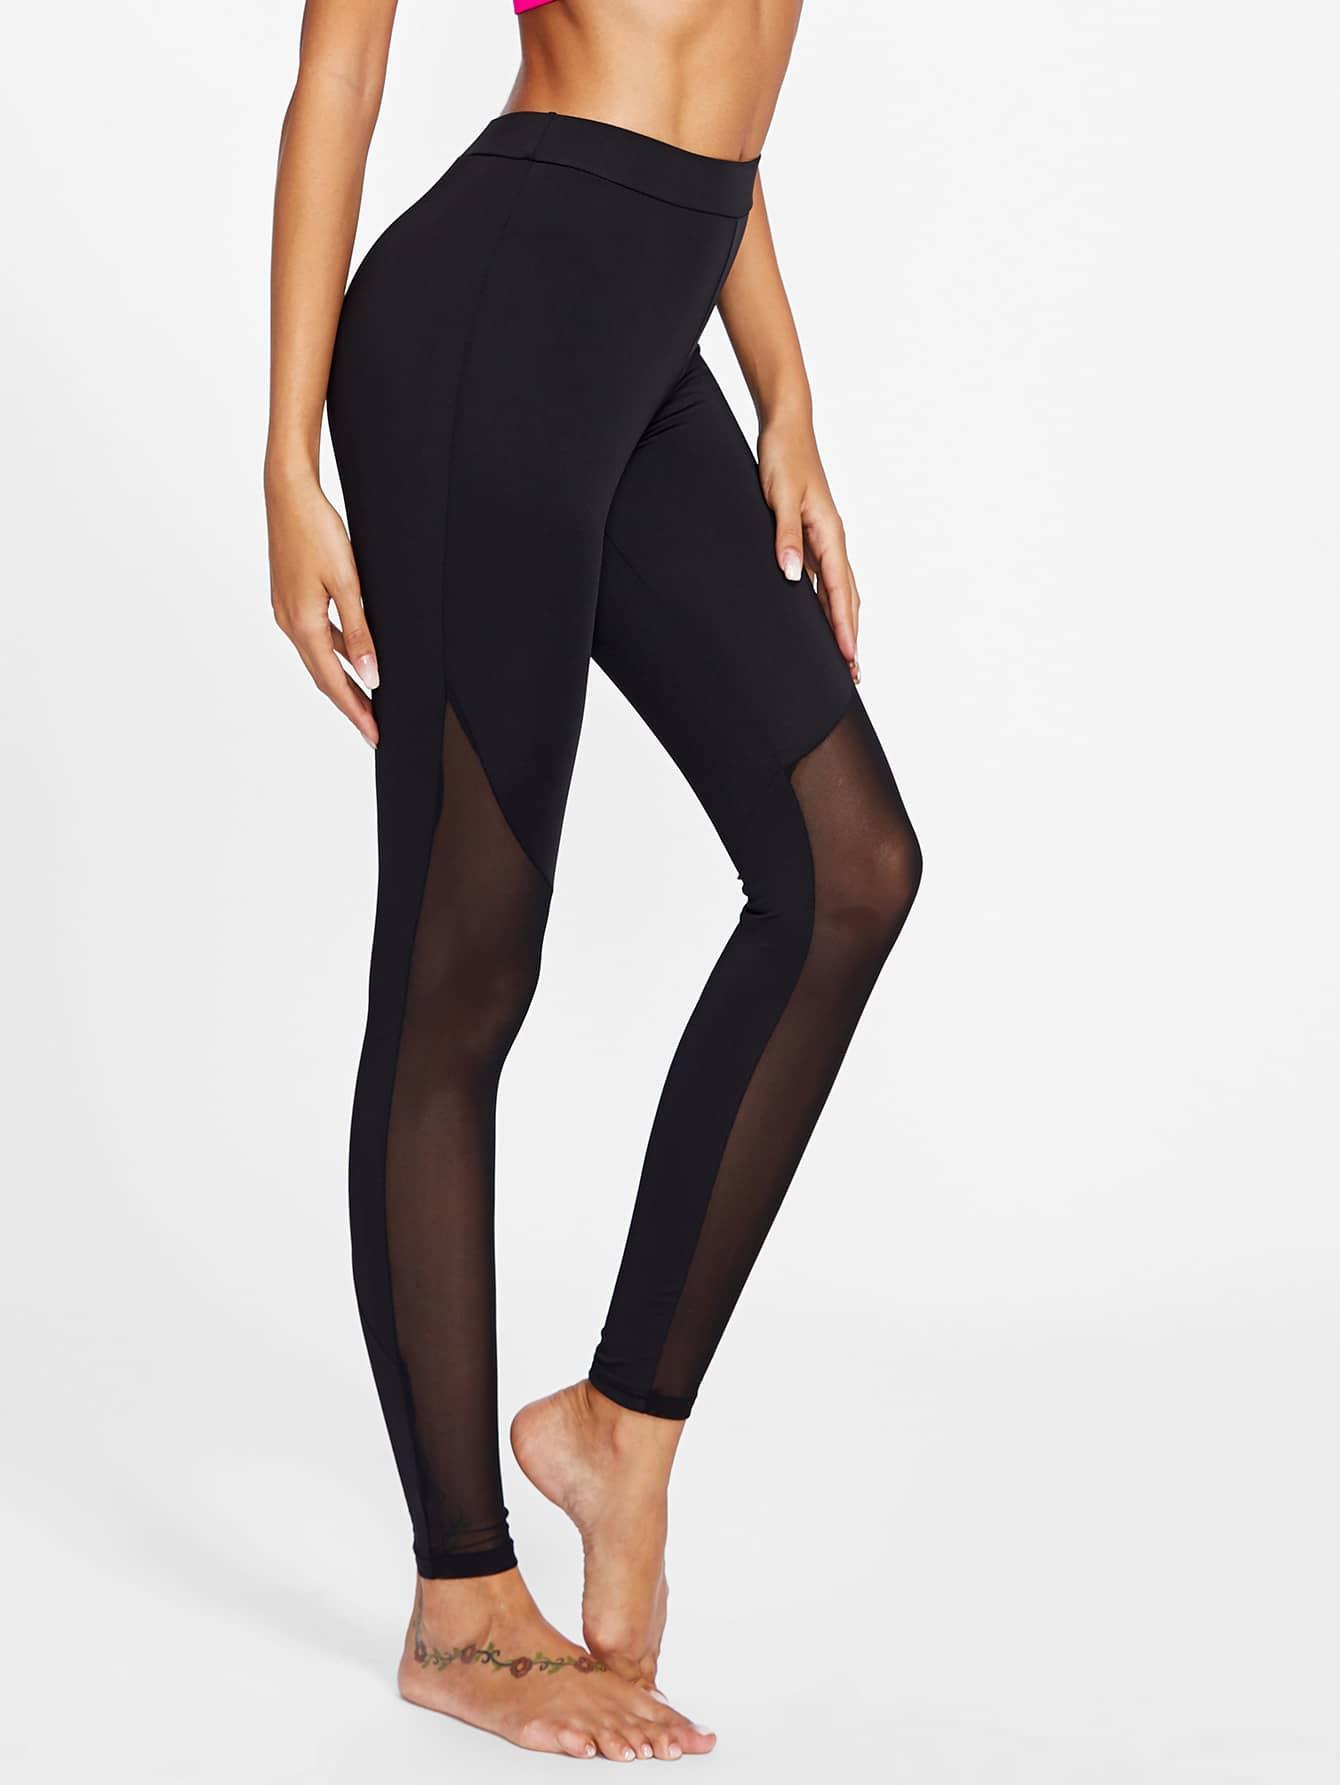 Active Mesh Panel Leggings leggings170915101